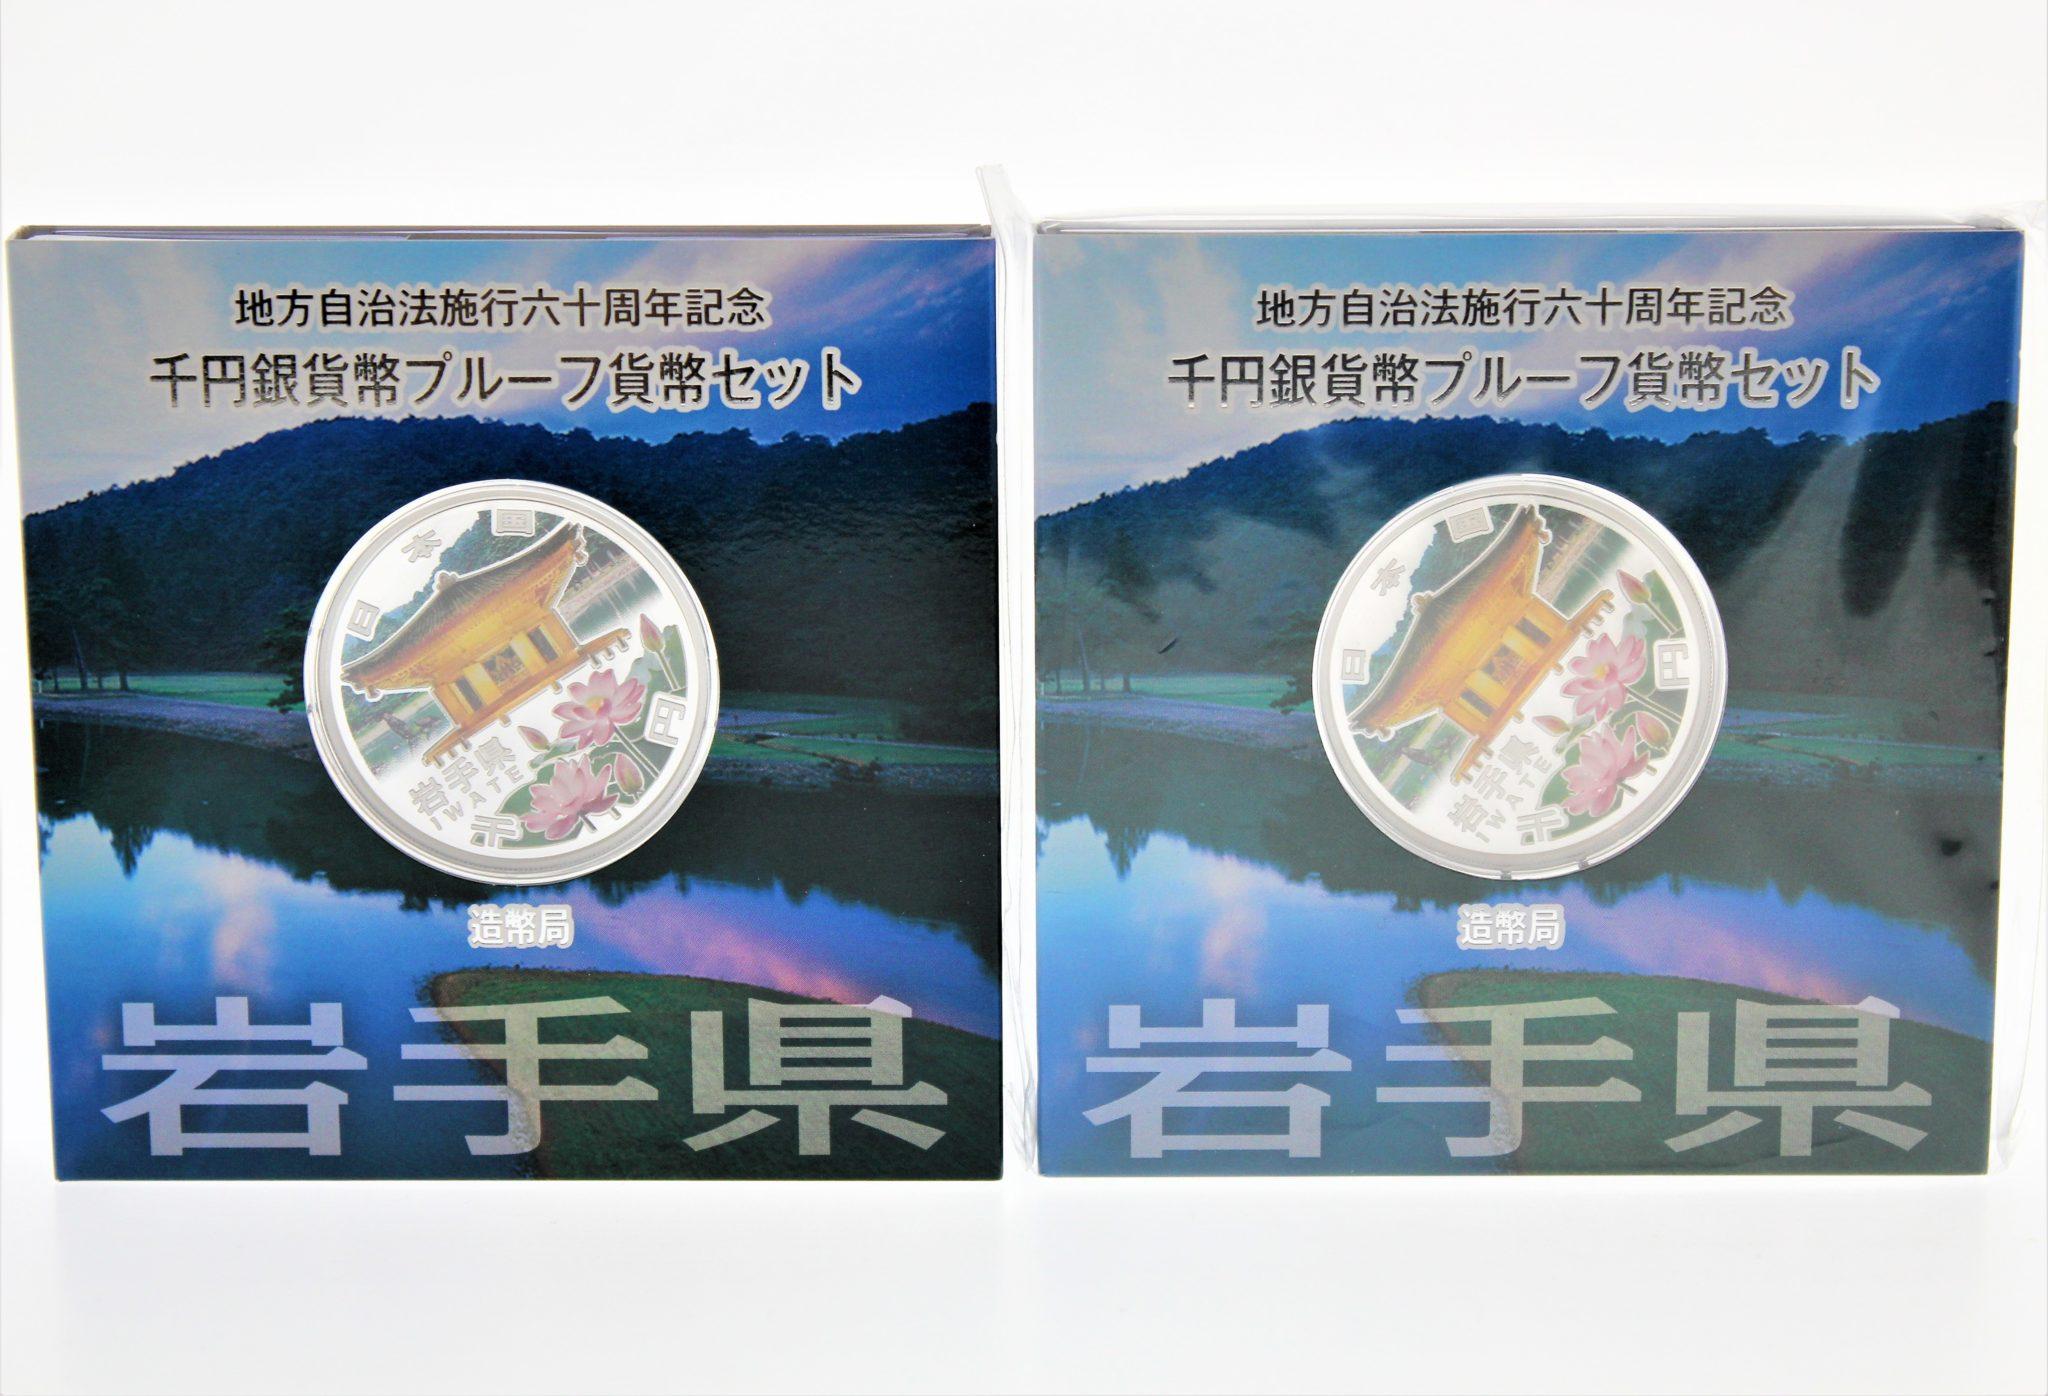 買取 記念 価格 硬貨 【天皇陛下御在位50年記念硬貨】買取相場や詳細情報をご紹介